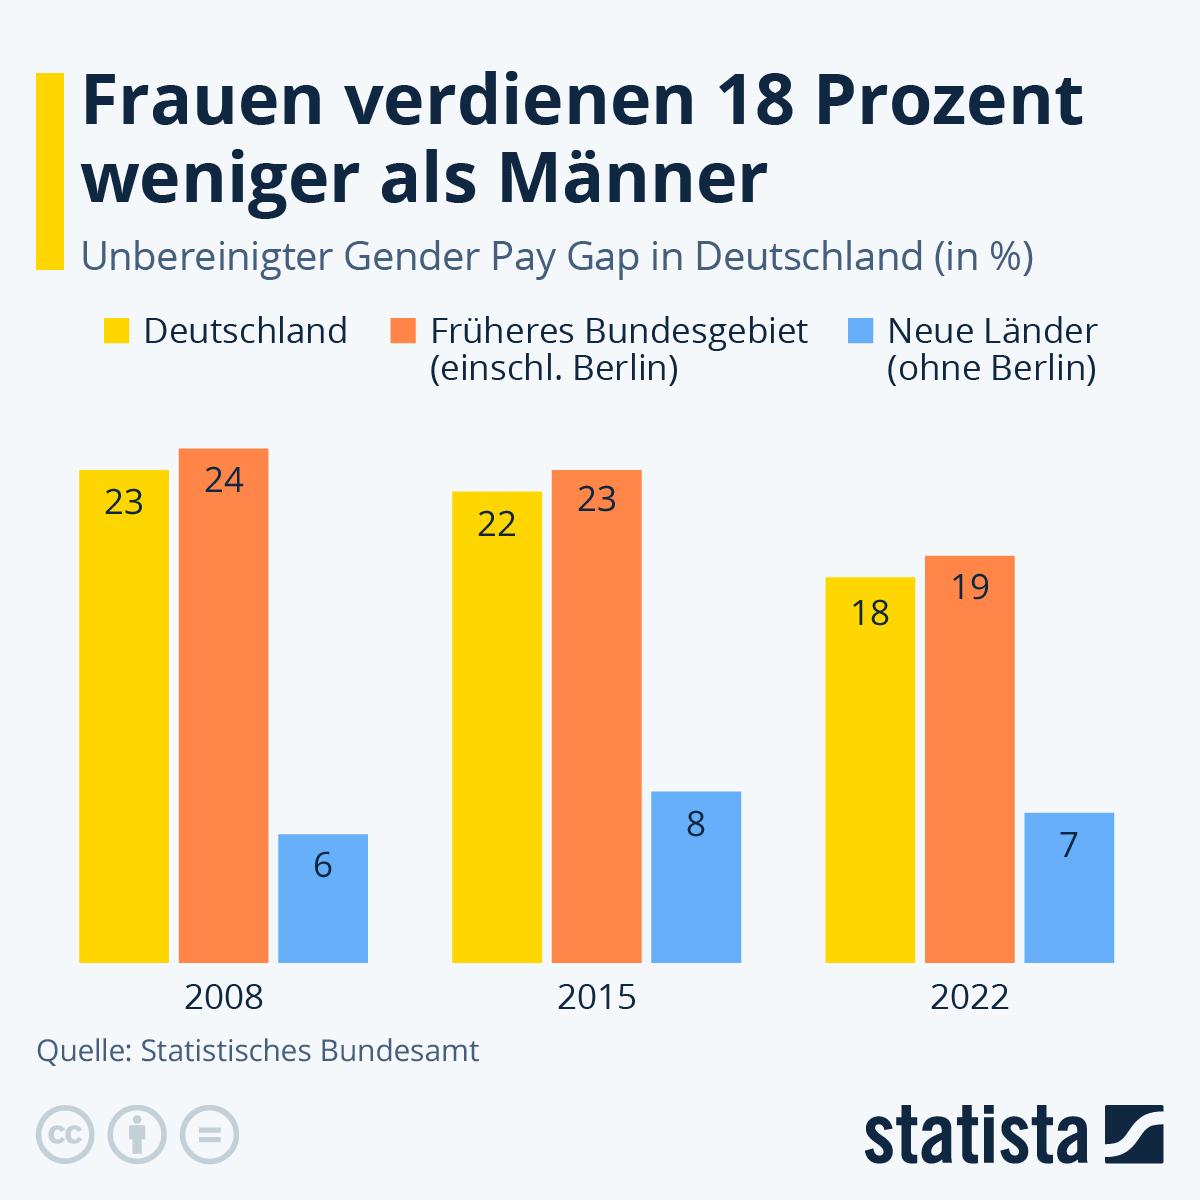 Kaum Veränderung beim Gender Pay Gap | Statista